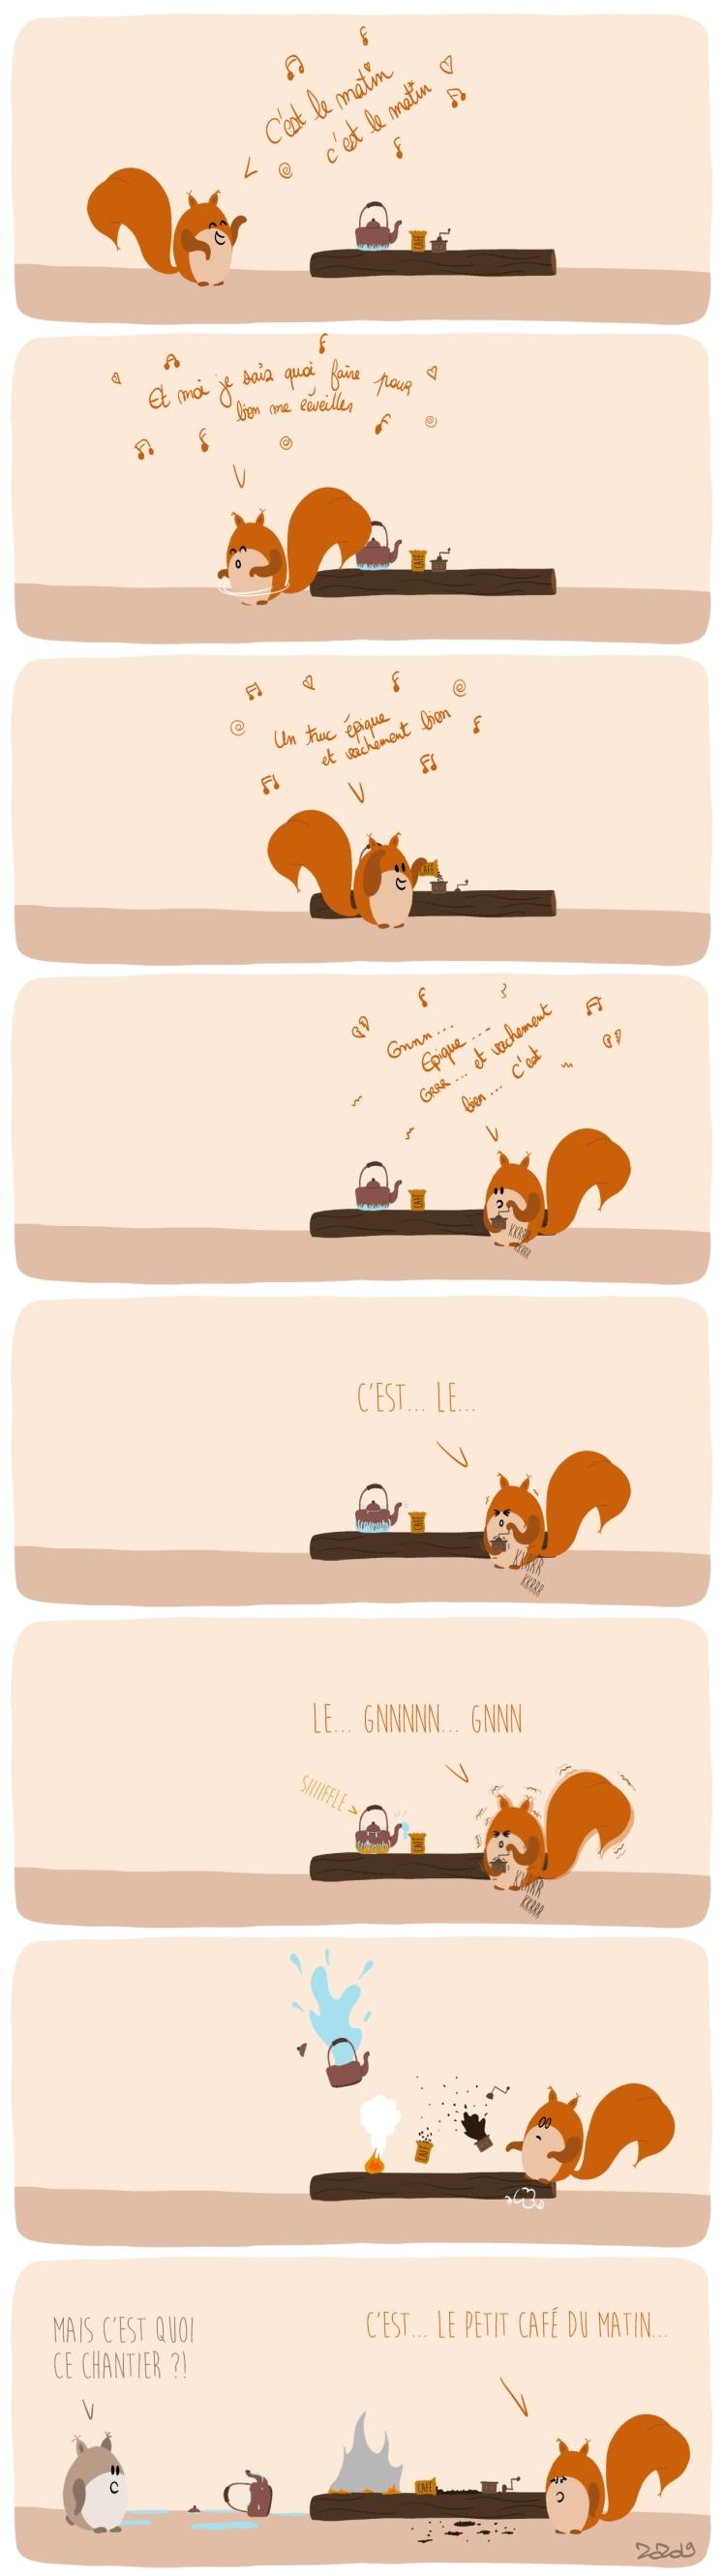 127 - La chanson du café